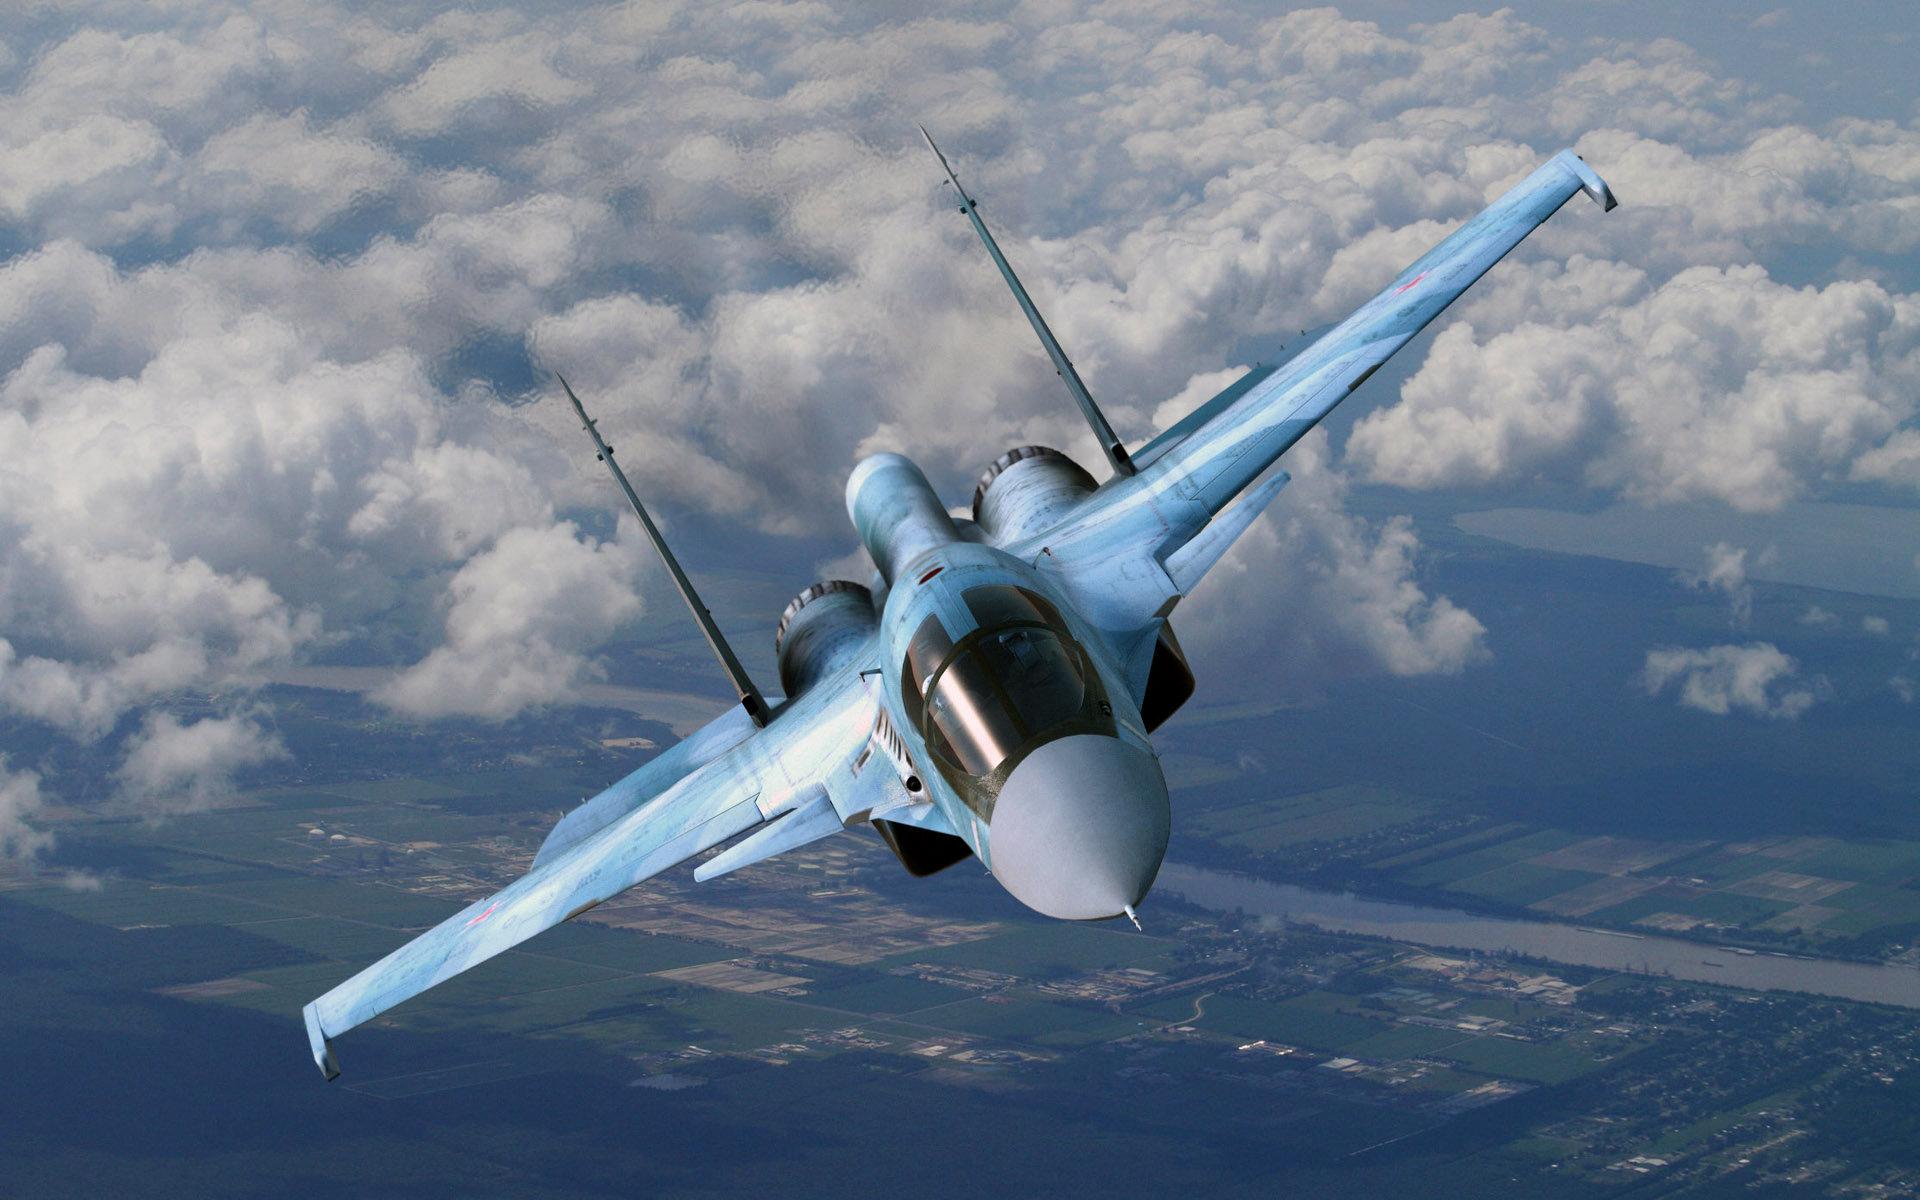 Sukhoi Su-34 in flight